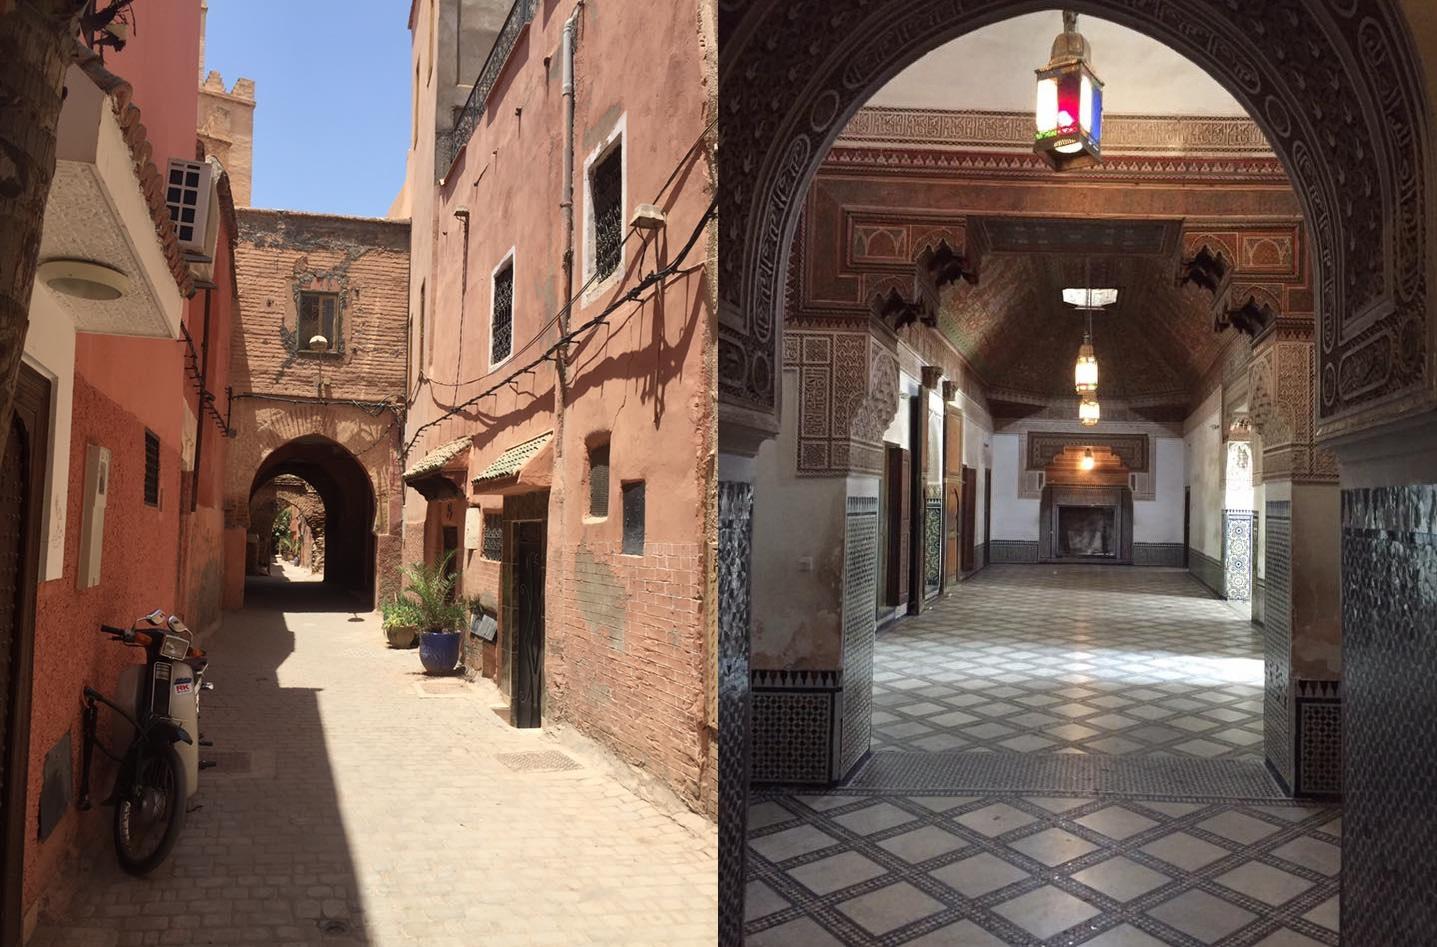 Mujer sola viajando por el mundo #2 Marrakech: mi experiencia y consejos